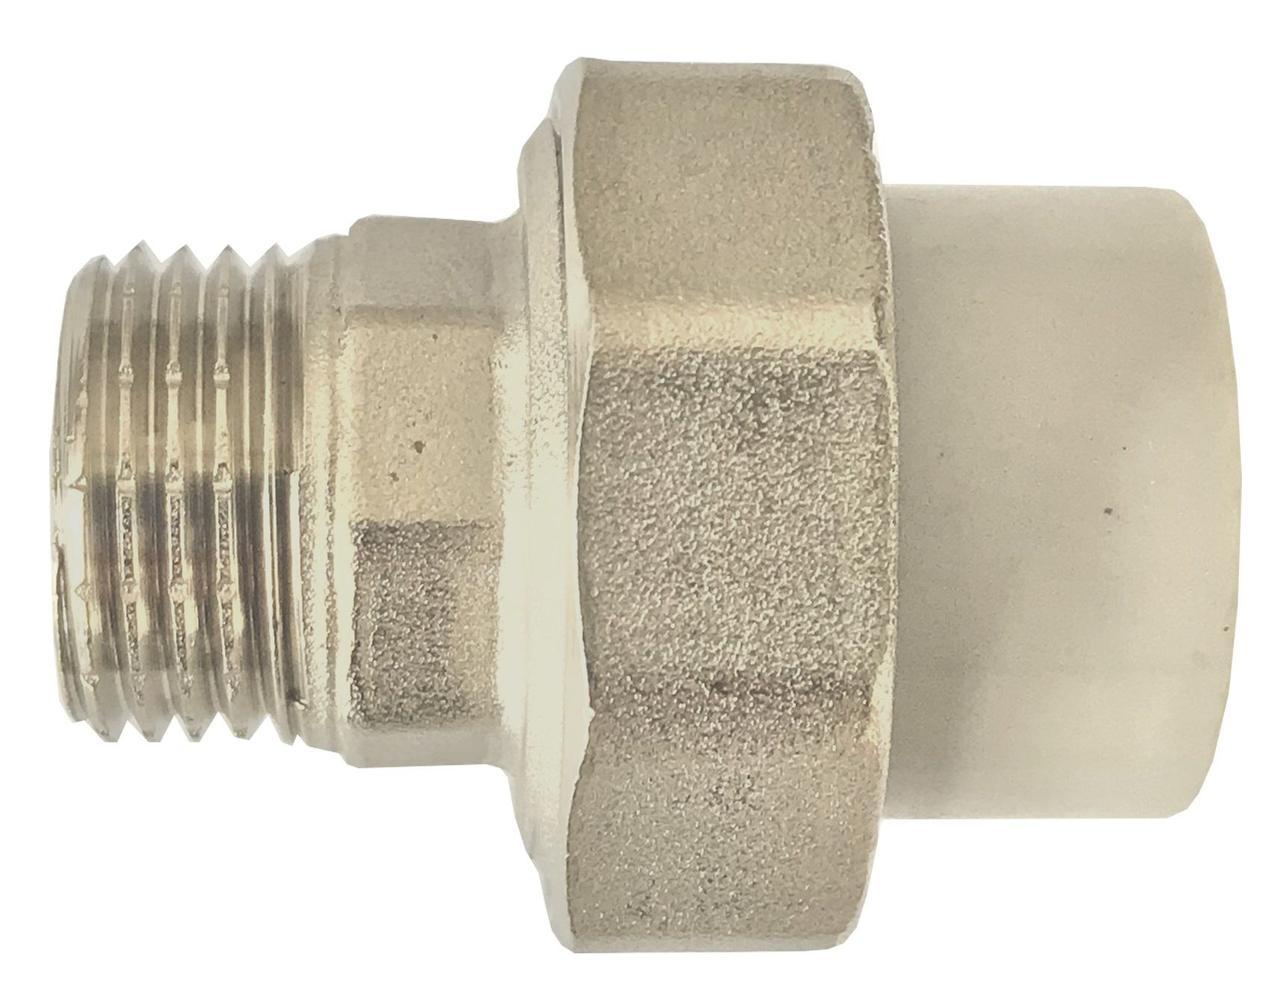 13001 Муфта Kalde 20 мм на 1/2' ECO разборная с наружной резьбой